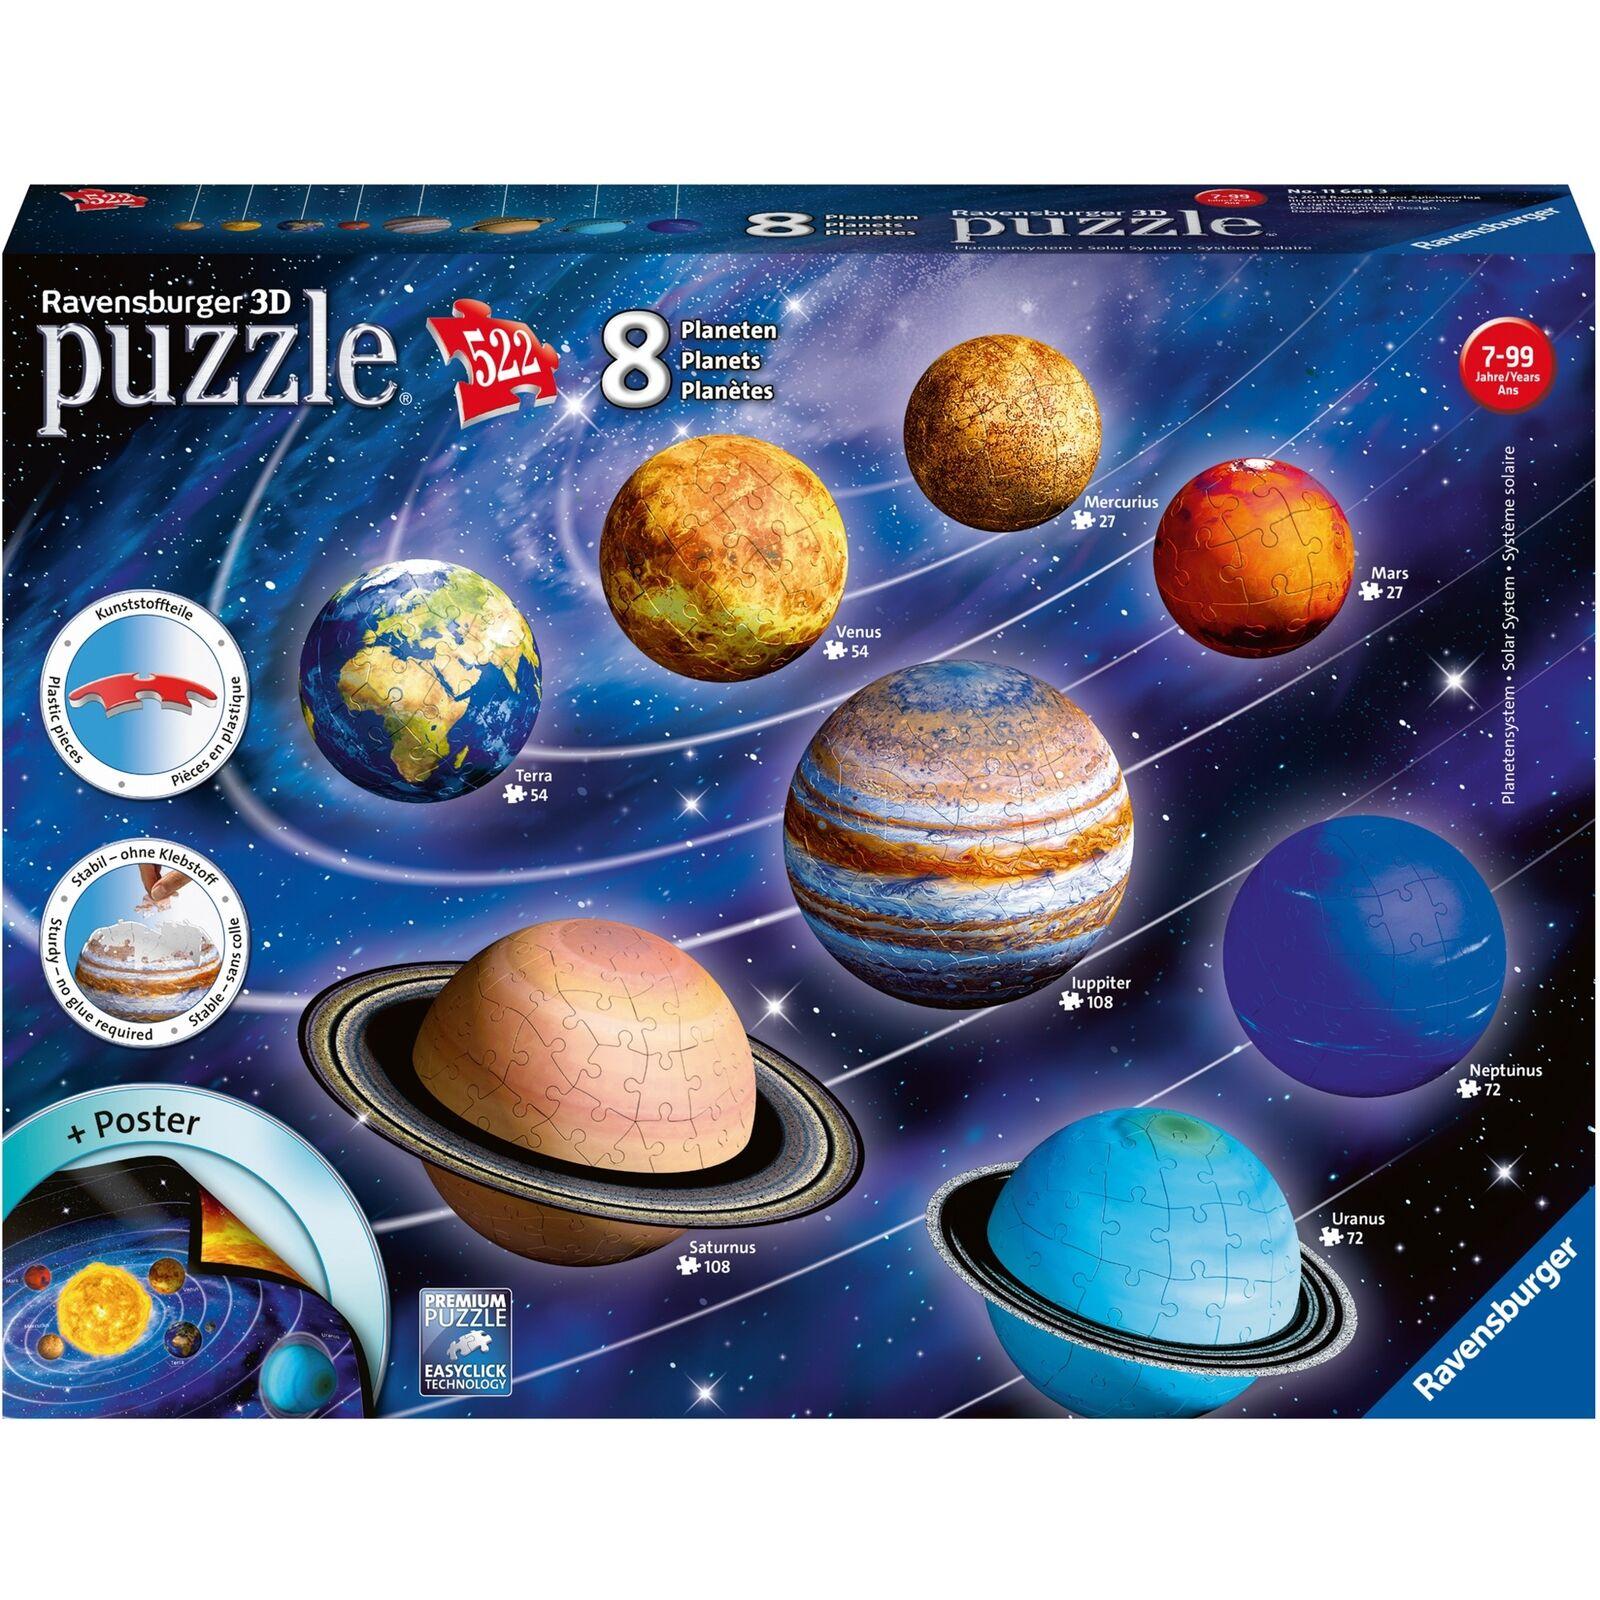 Ravensburger 3D-Puzzle Planetensystem  | Attraktives Aussehen